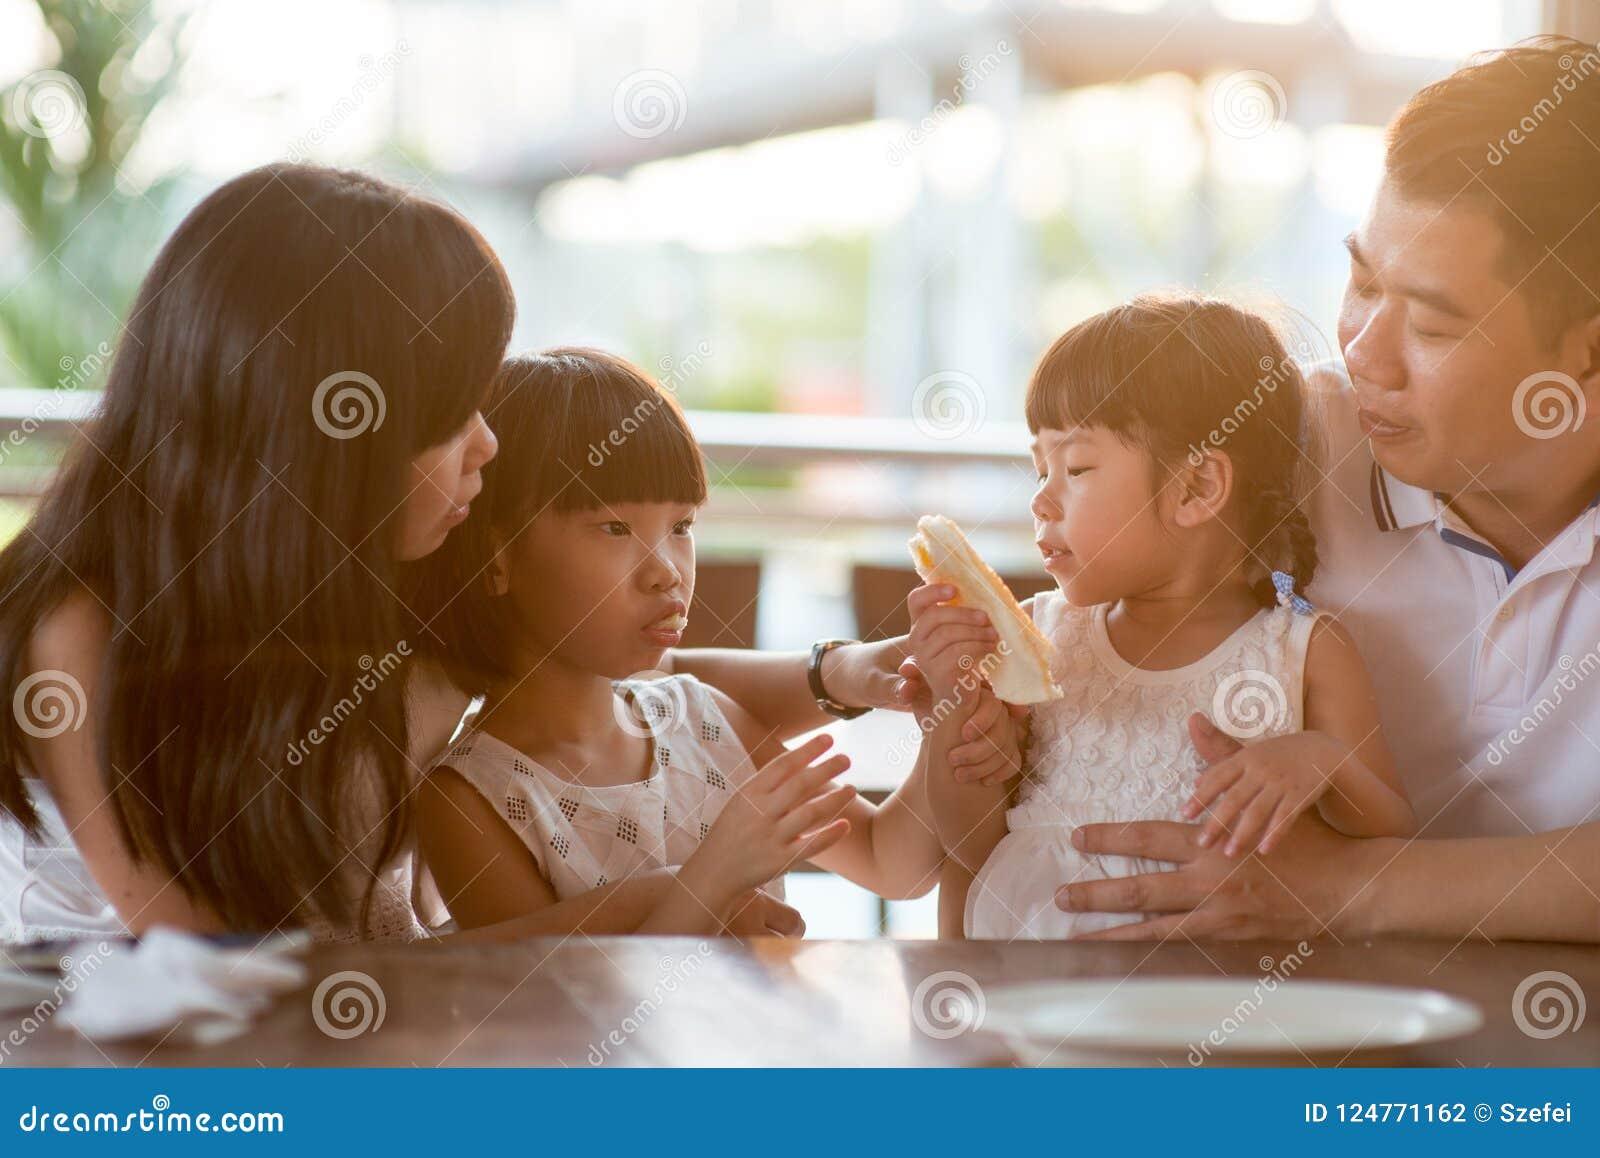 Asiatische Familie, die Lebensmittel am Café isst